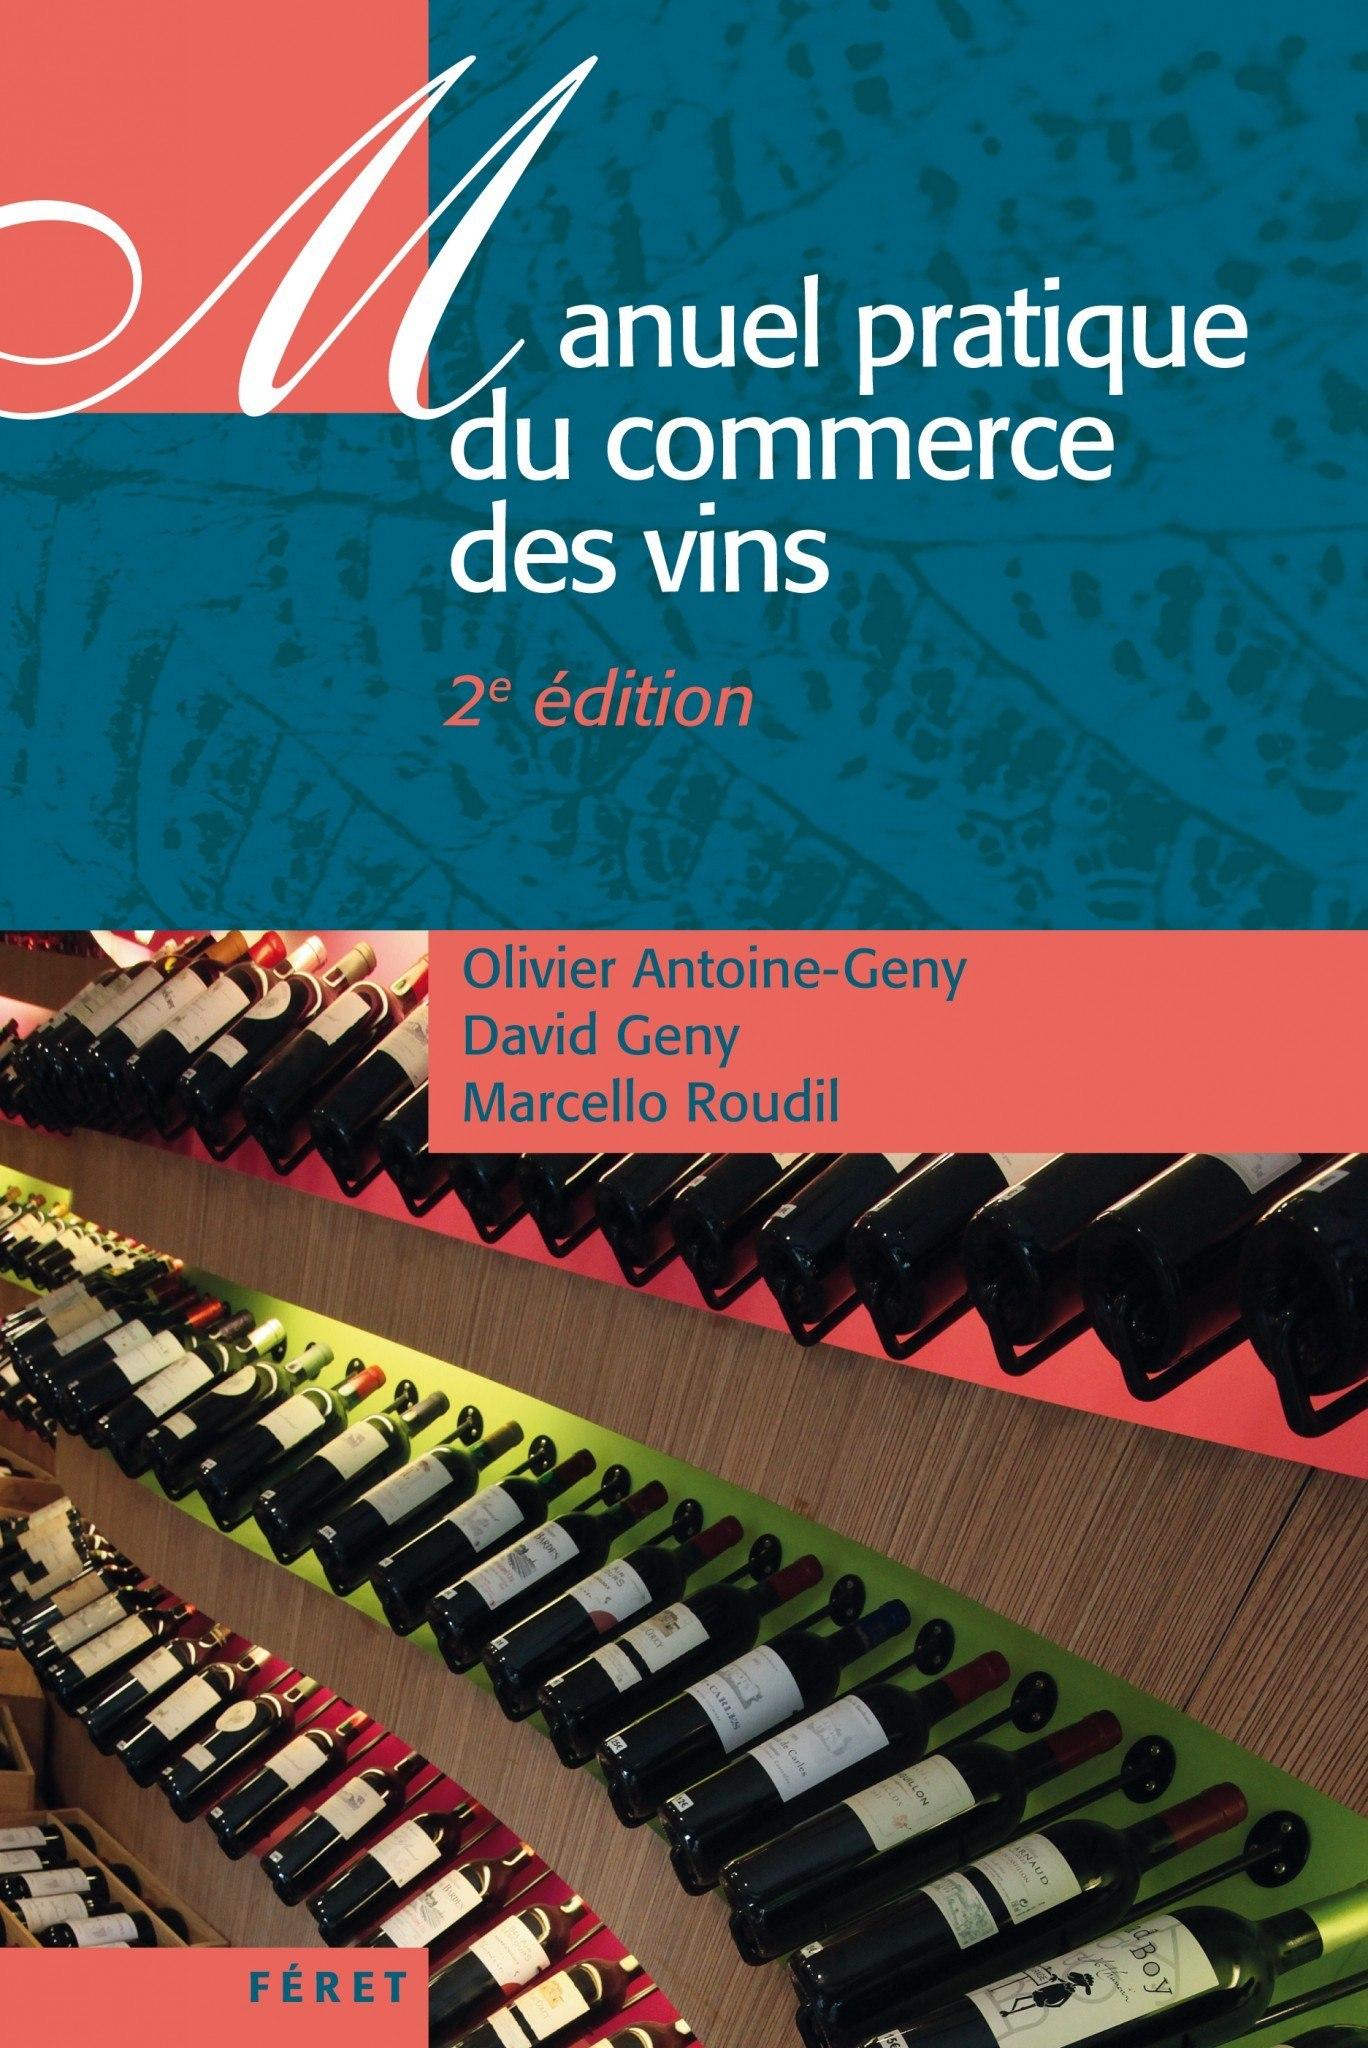 Manuel pratique du commerce des vins